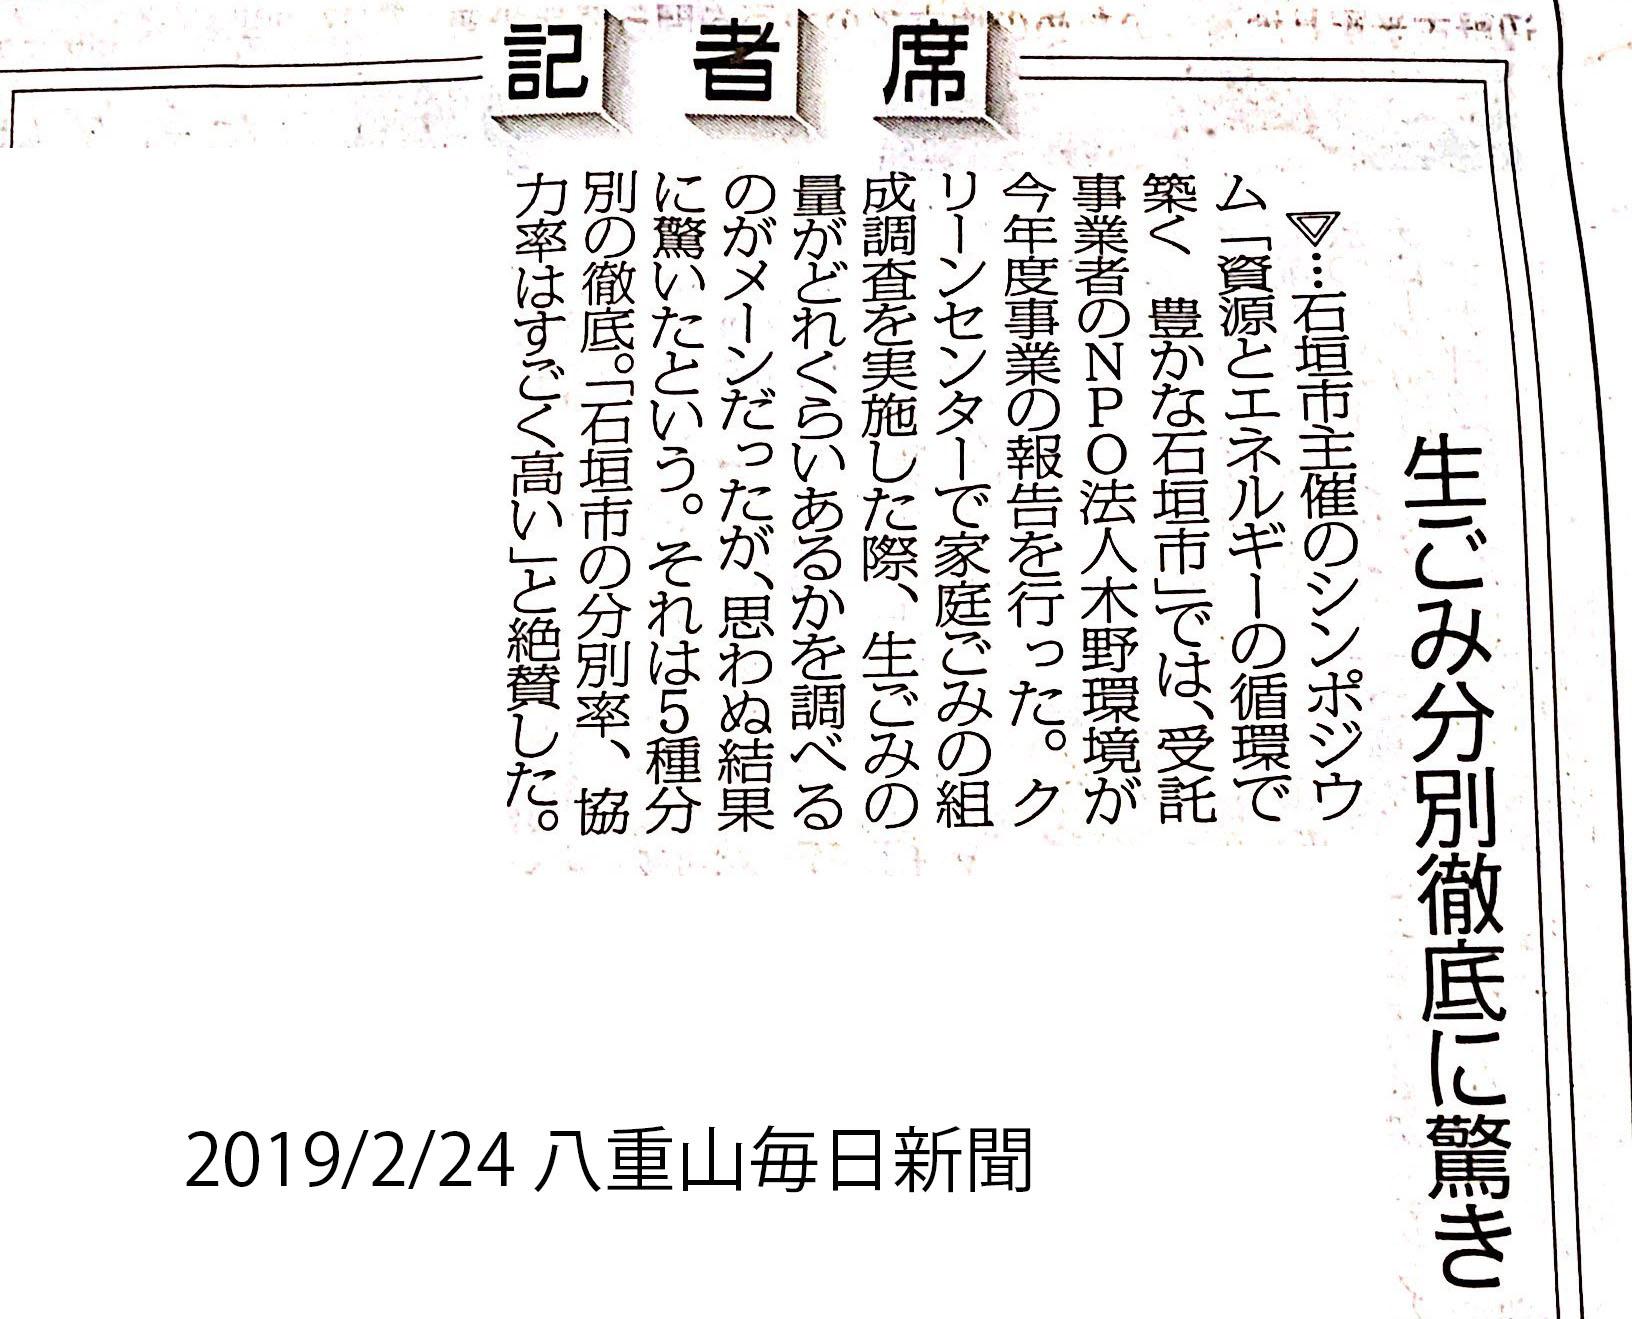 【ハナタカ情報】石垣市の生ごみ分別率、徹底率は高い